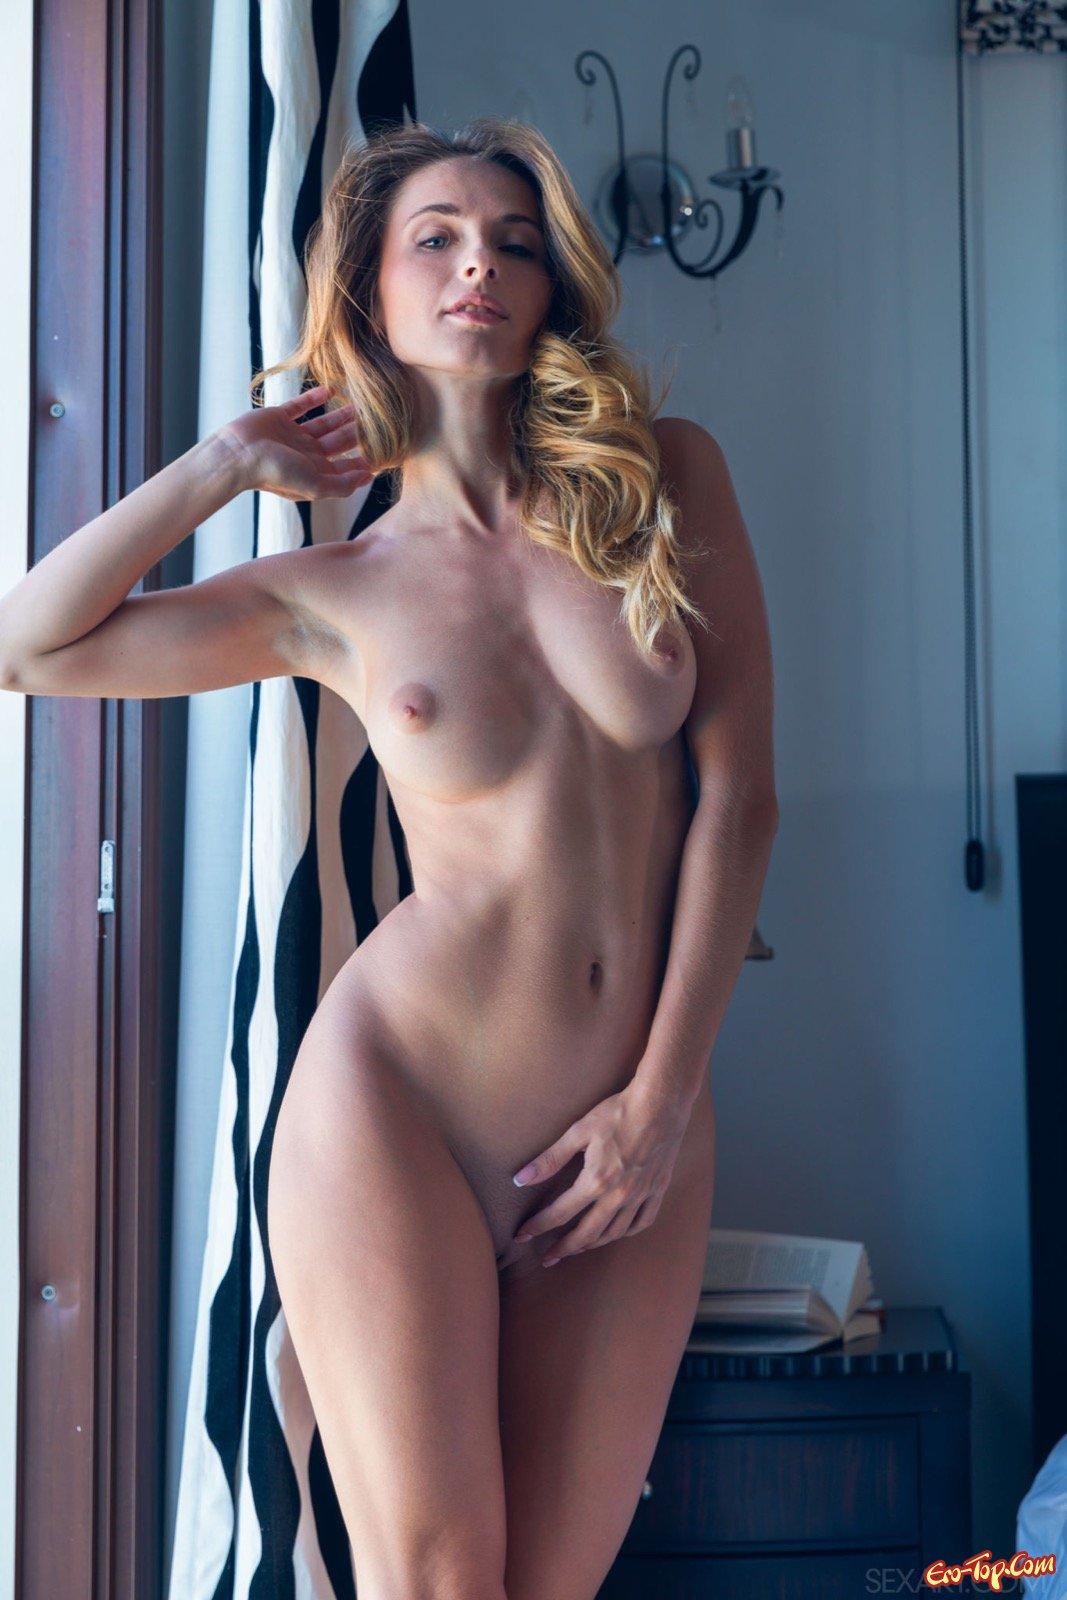 Длинная шлюха сняла лифчик засветив сексапильное тело